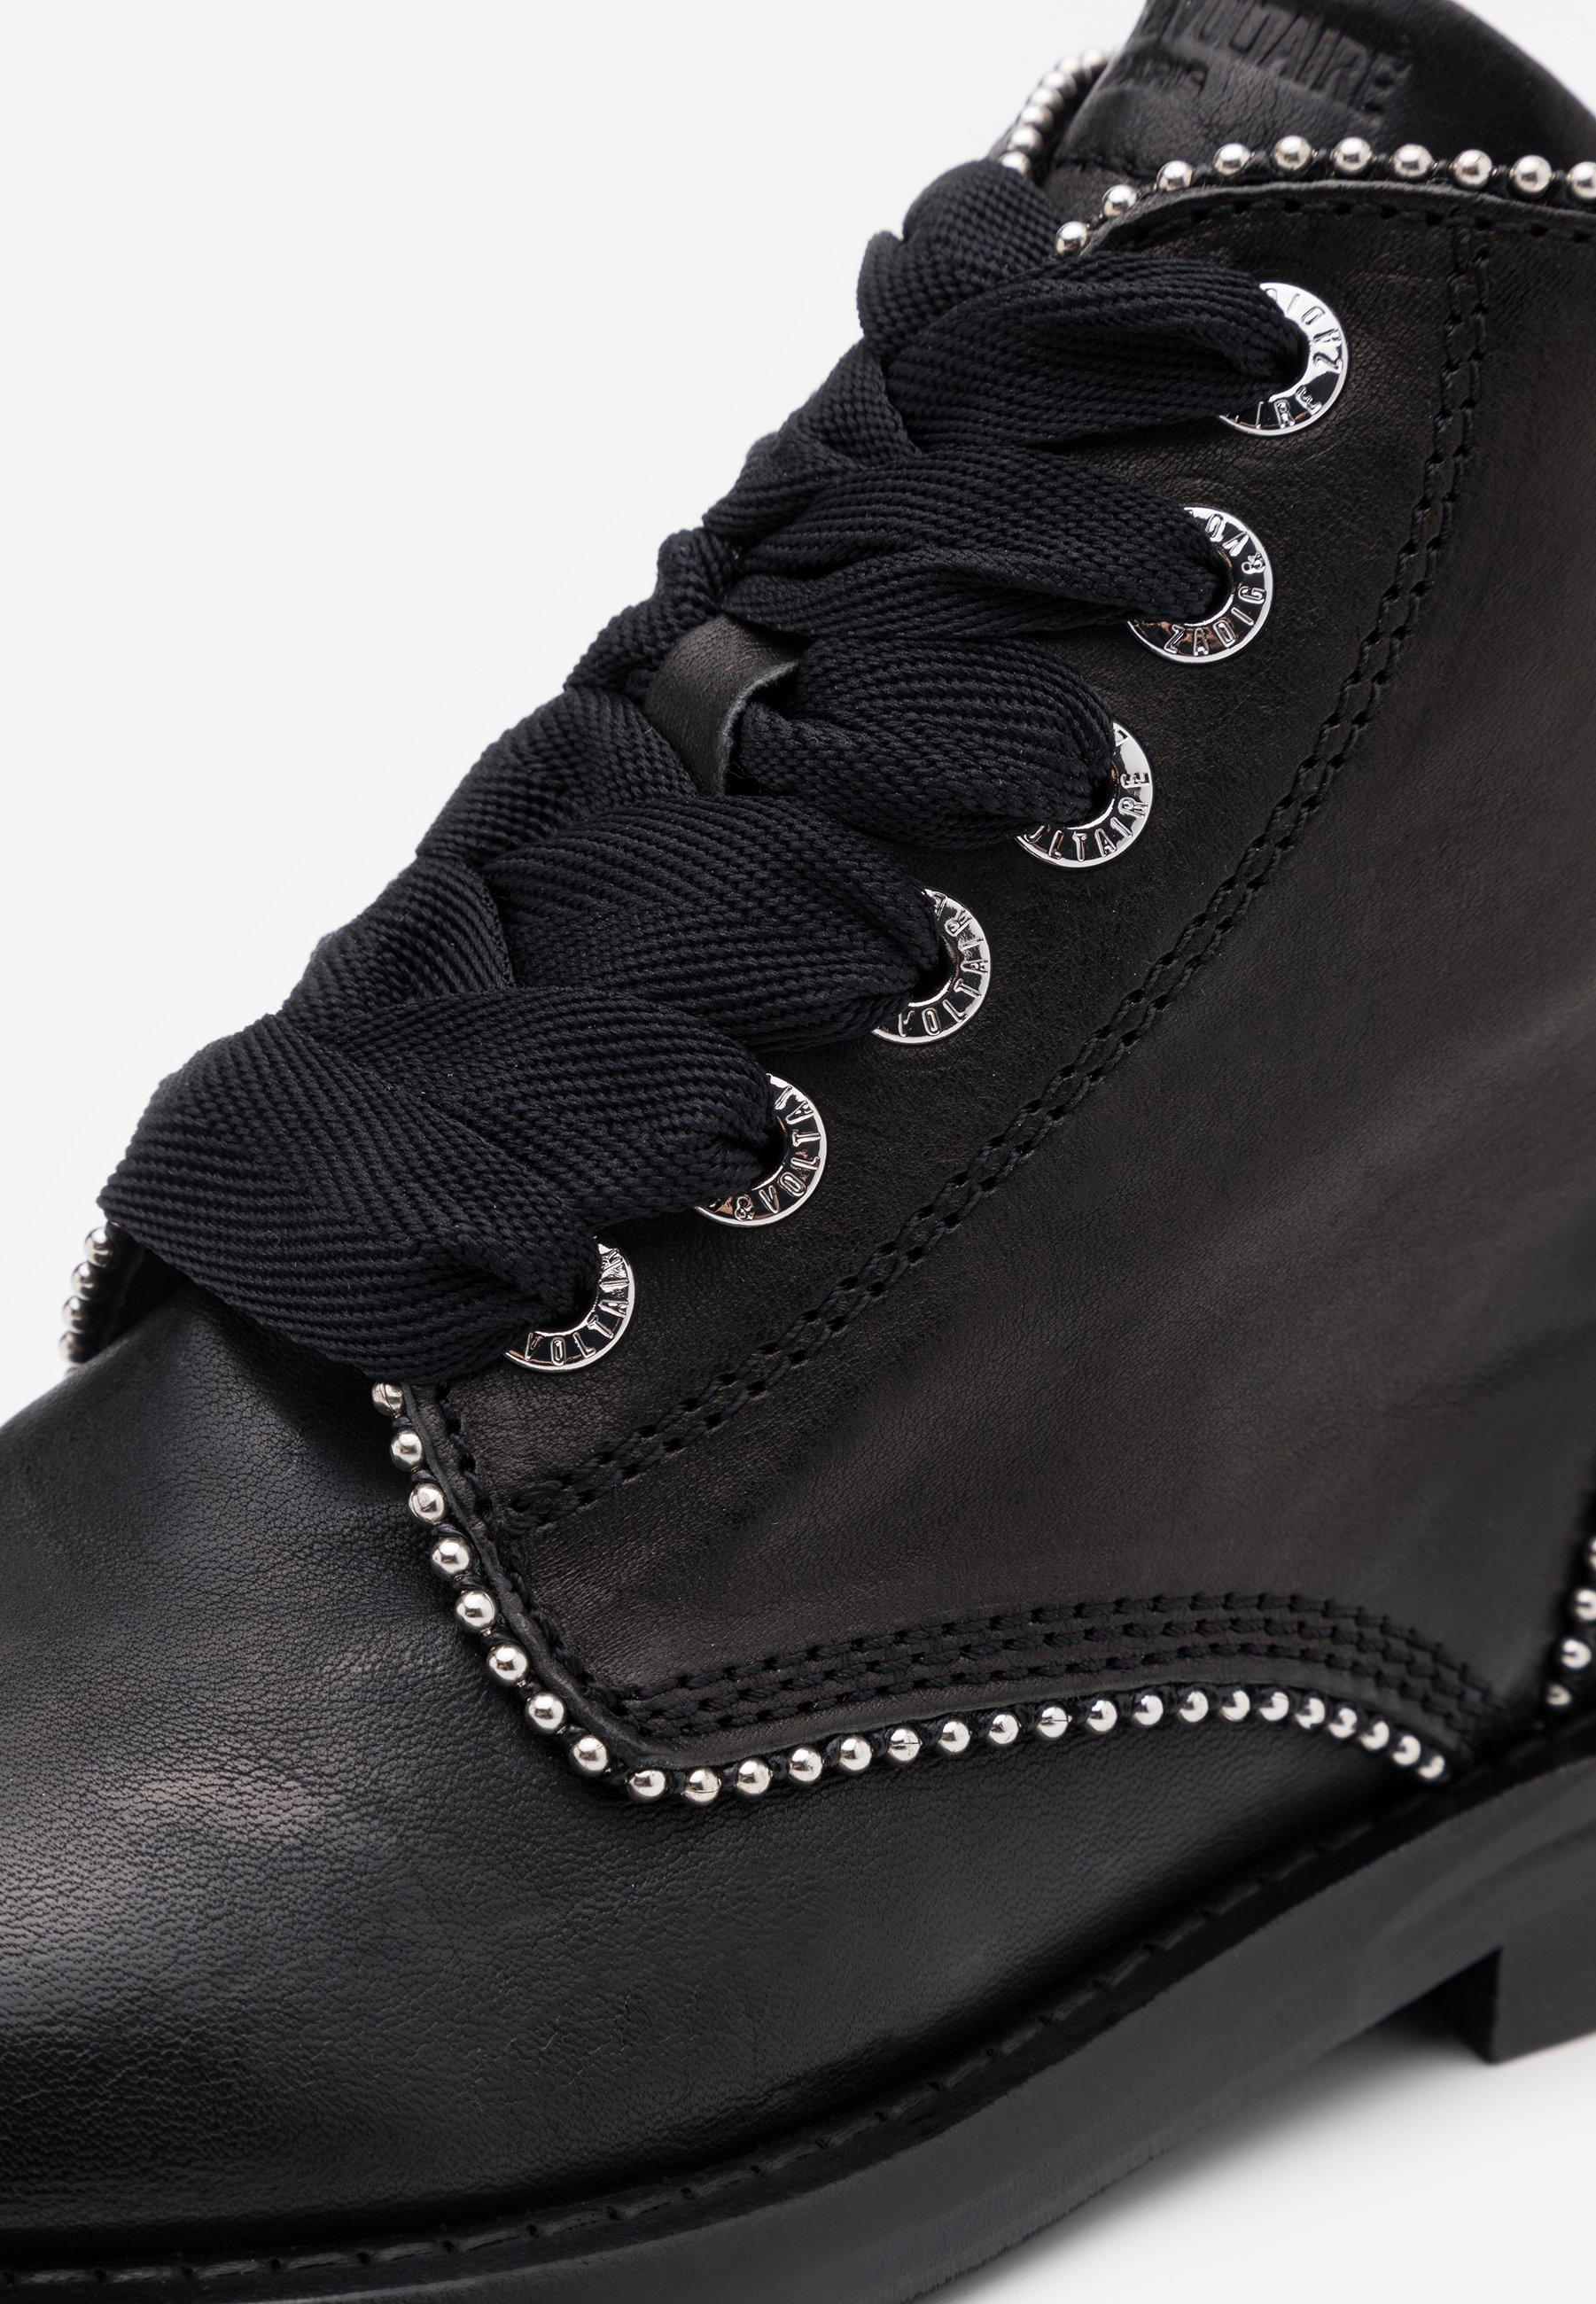 Zadig & Voltaire LAUREEN ROMA Ankle Boot noir/schwarz